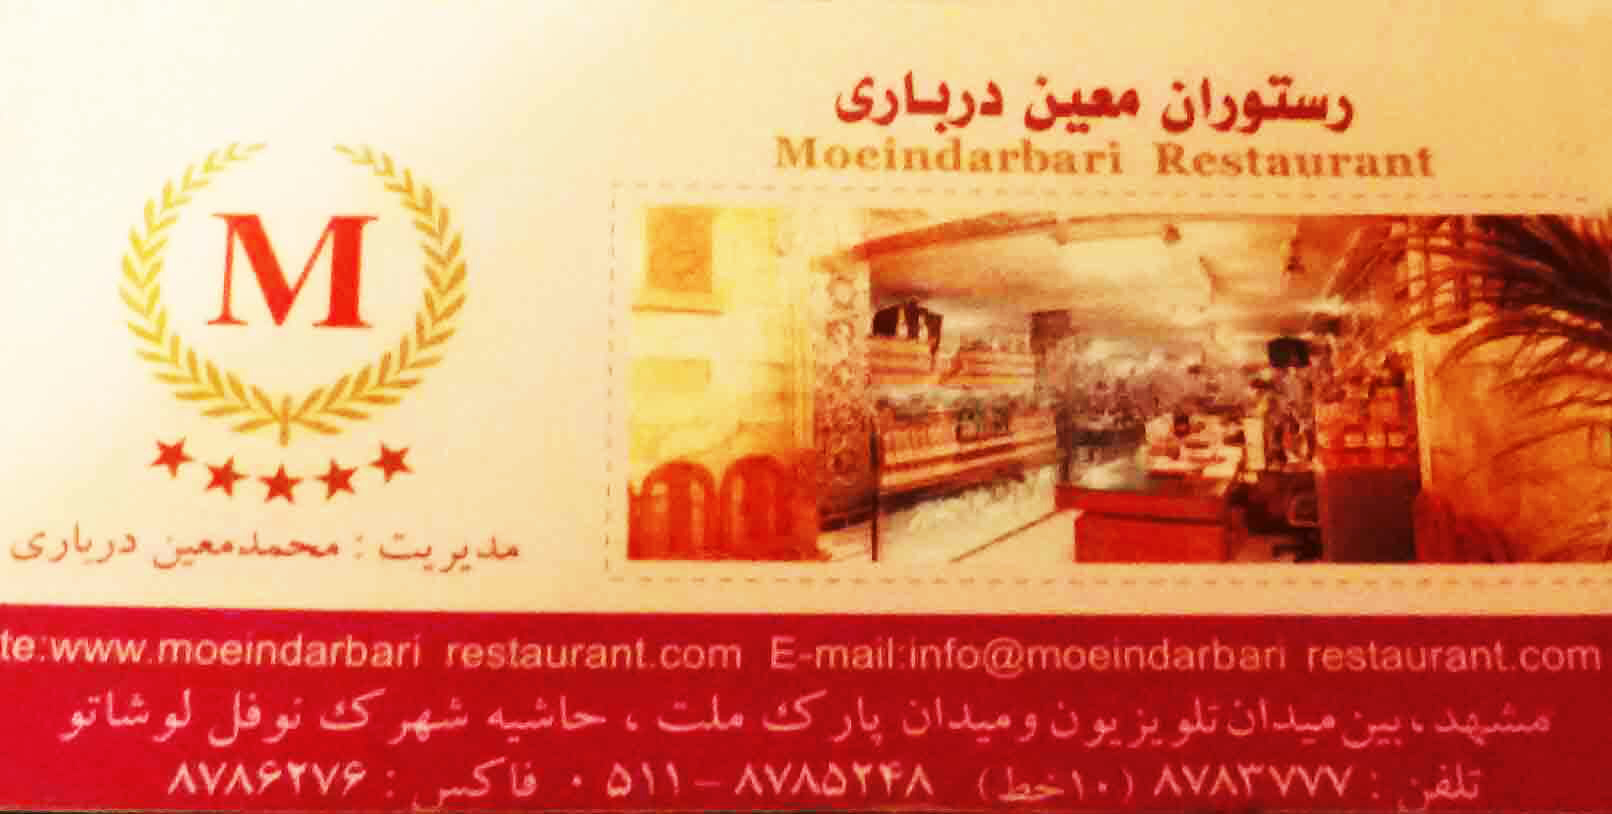 رستوران معین درباری در مشهد